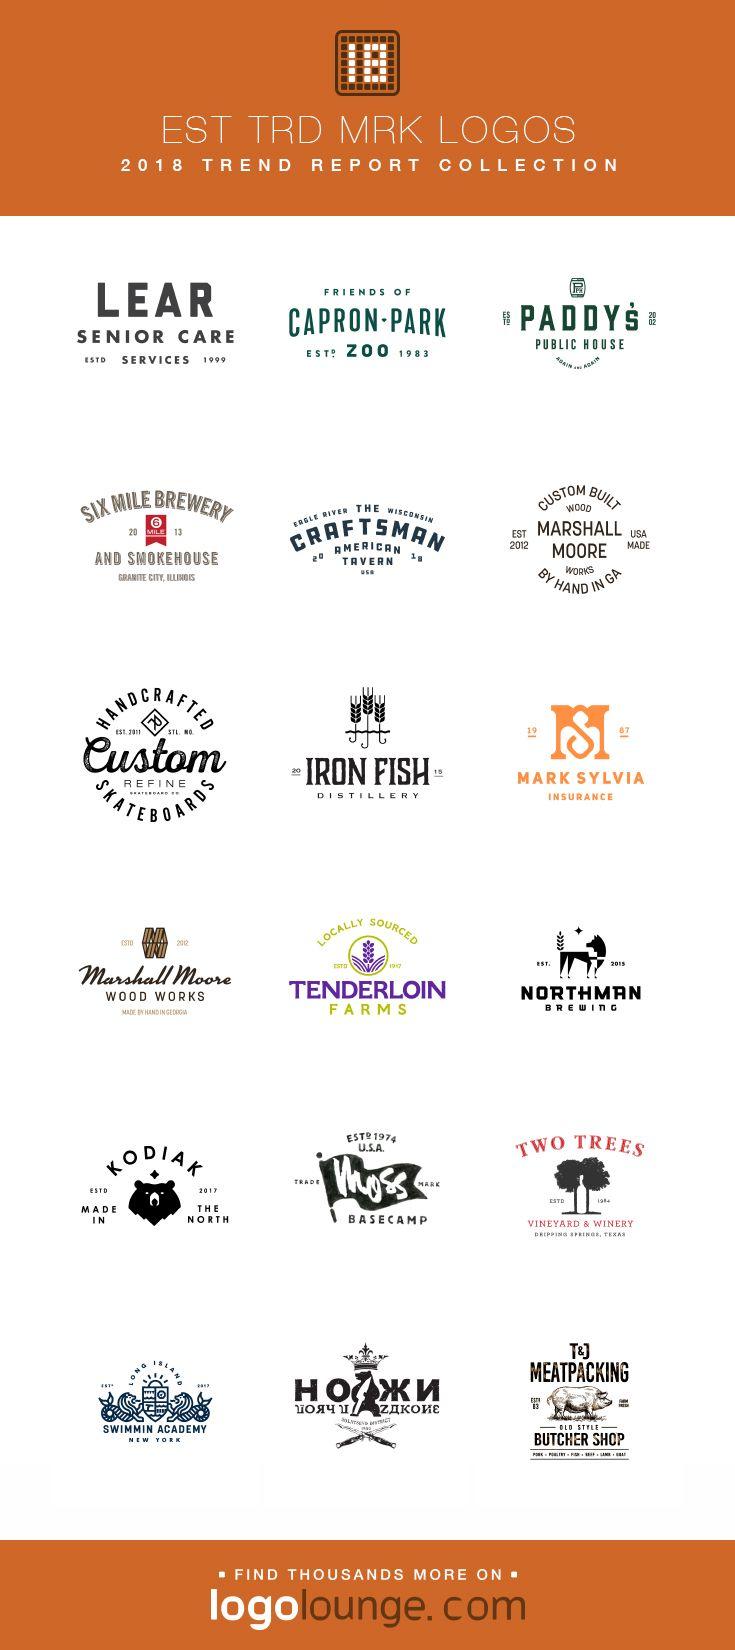 Introducing your Book 12 Jurors... | Logos design, Trade ...